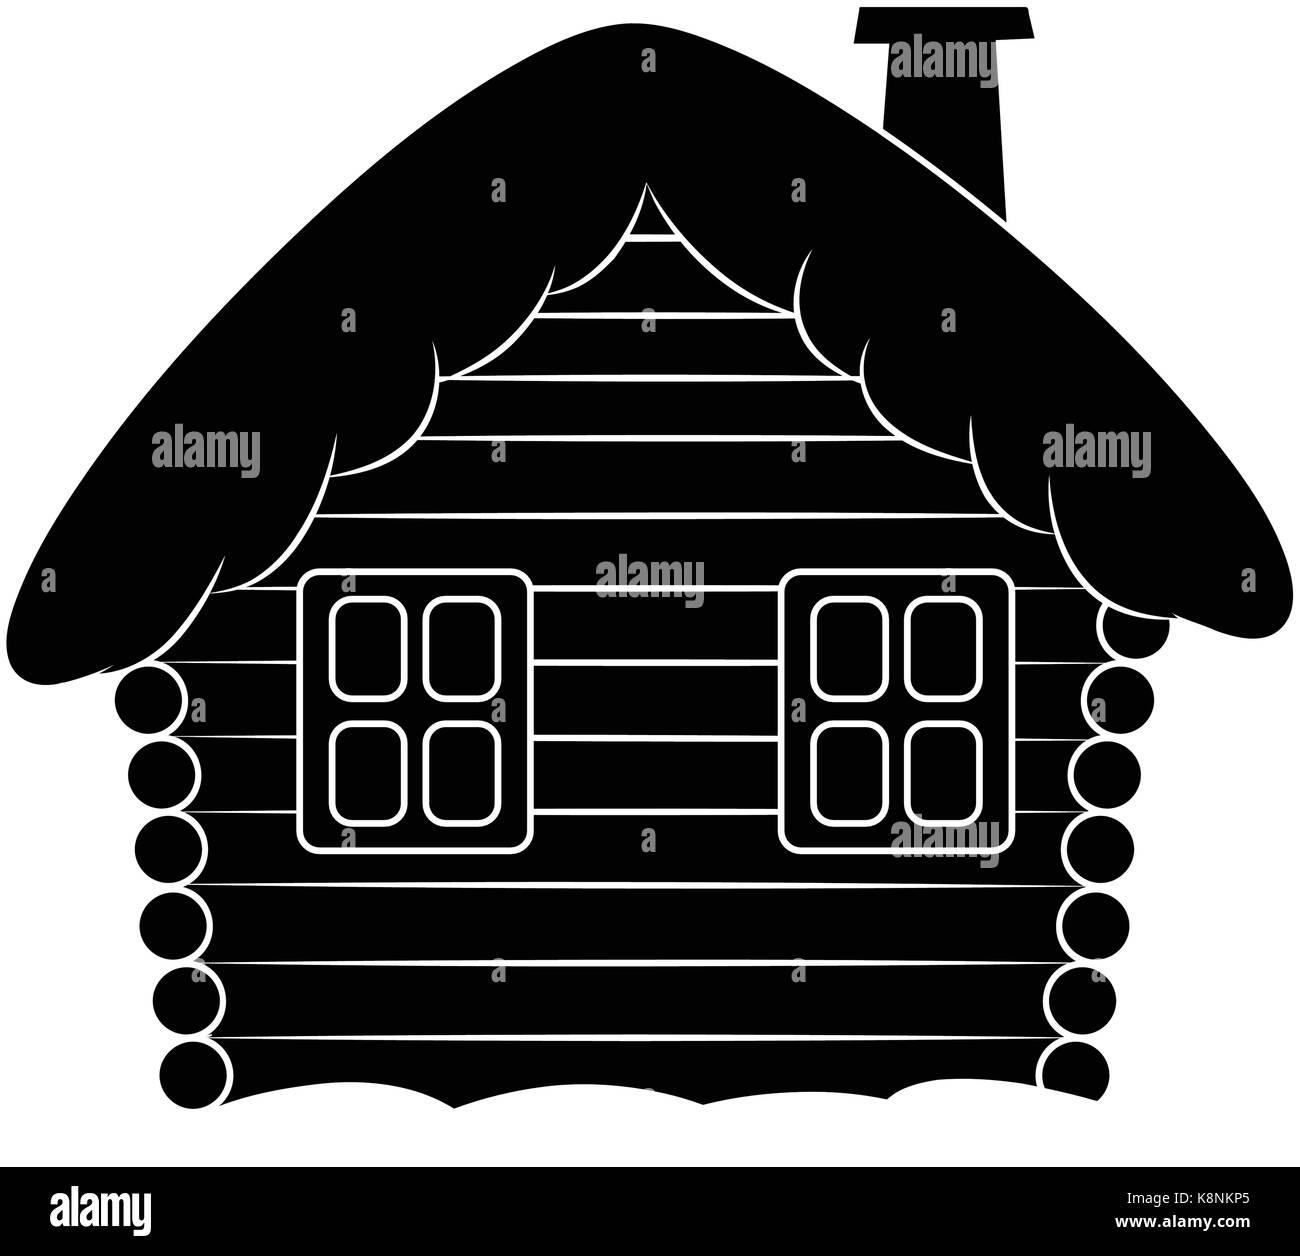 Haus mit Schnee cartoon silhouette Abbildung. Winter verschneite ...